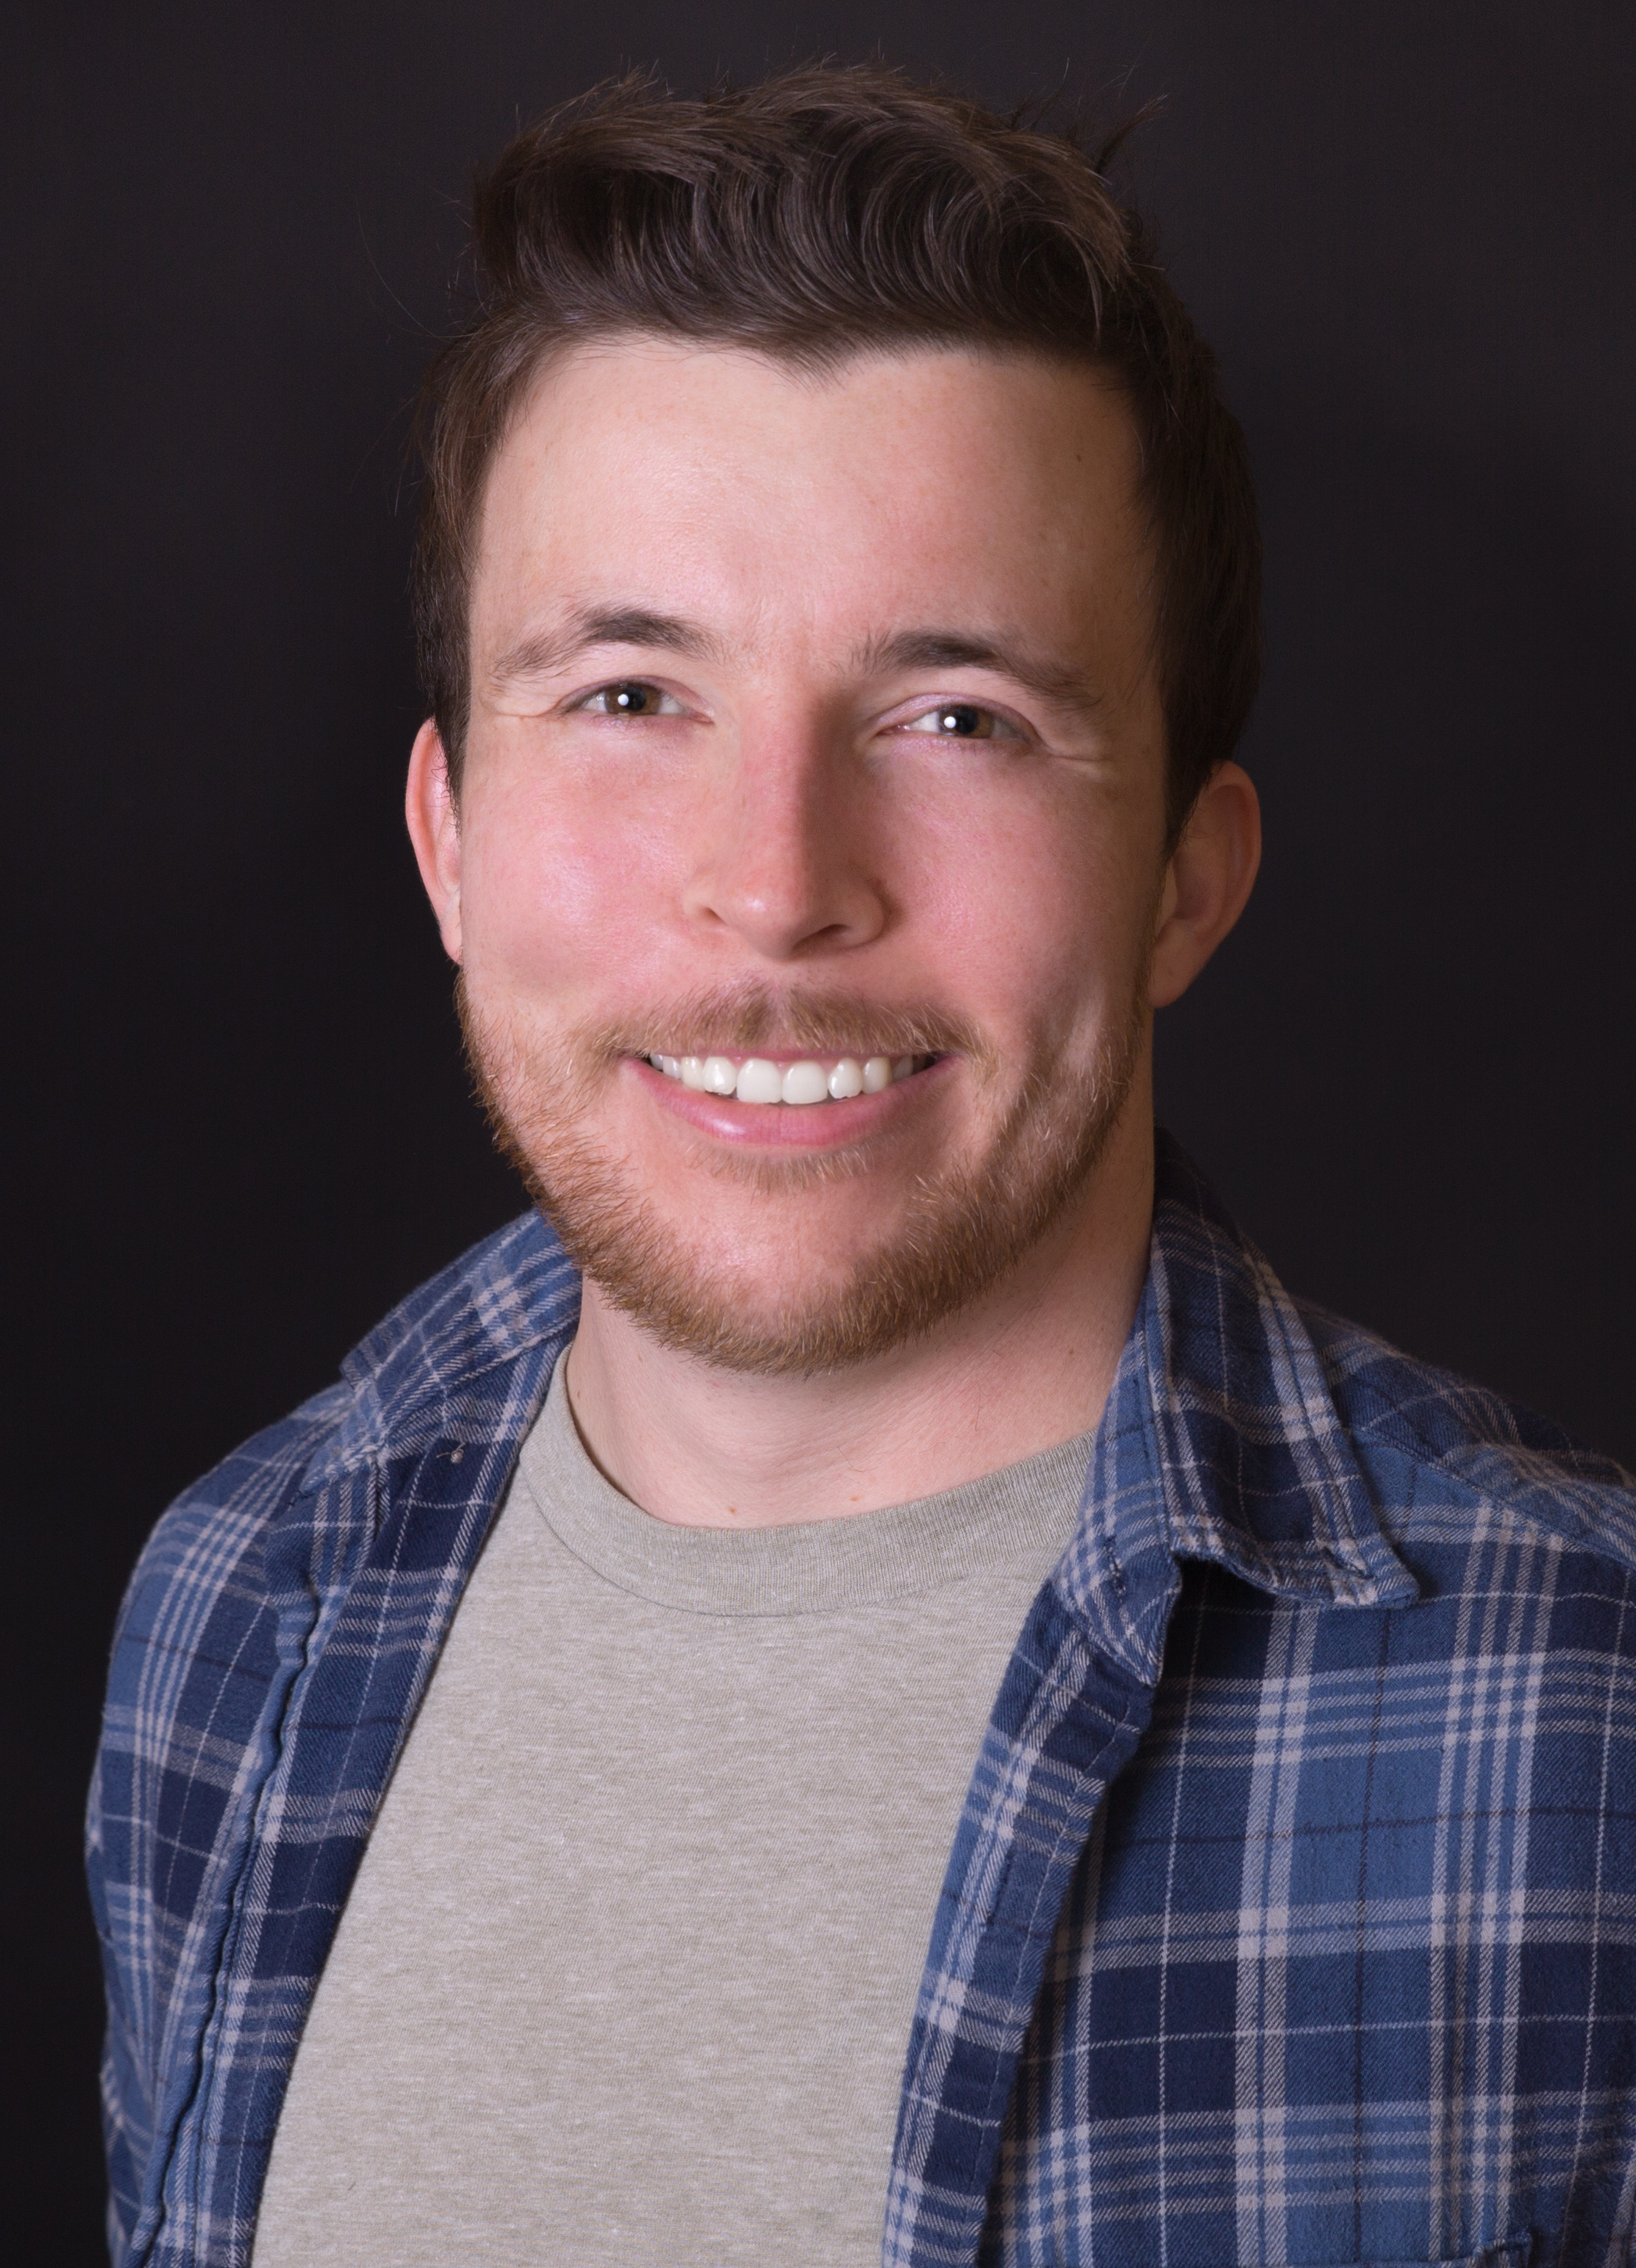 Dylan Werth Headshot 19